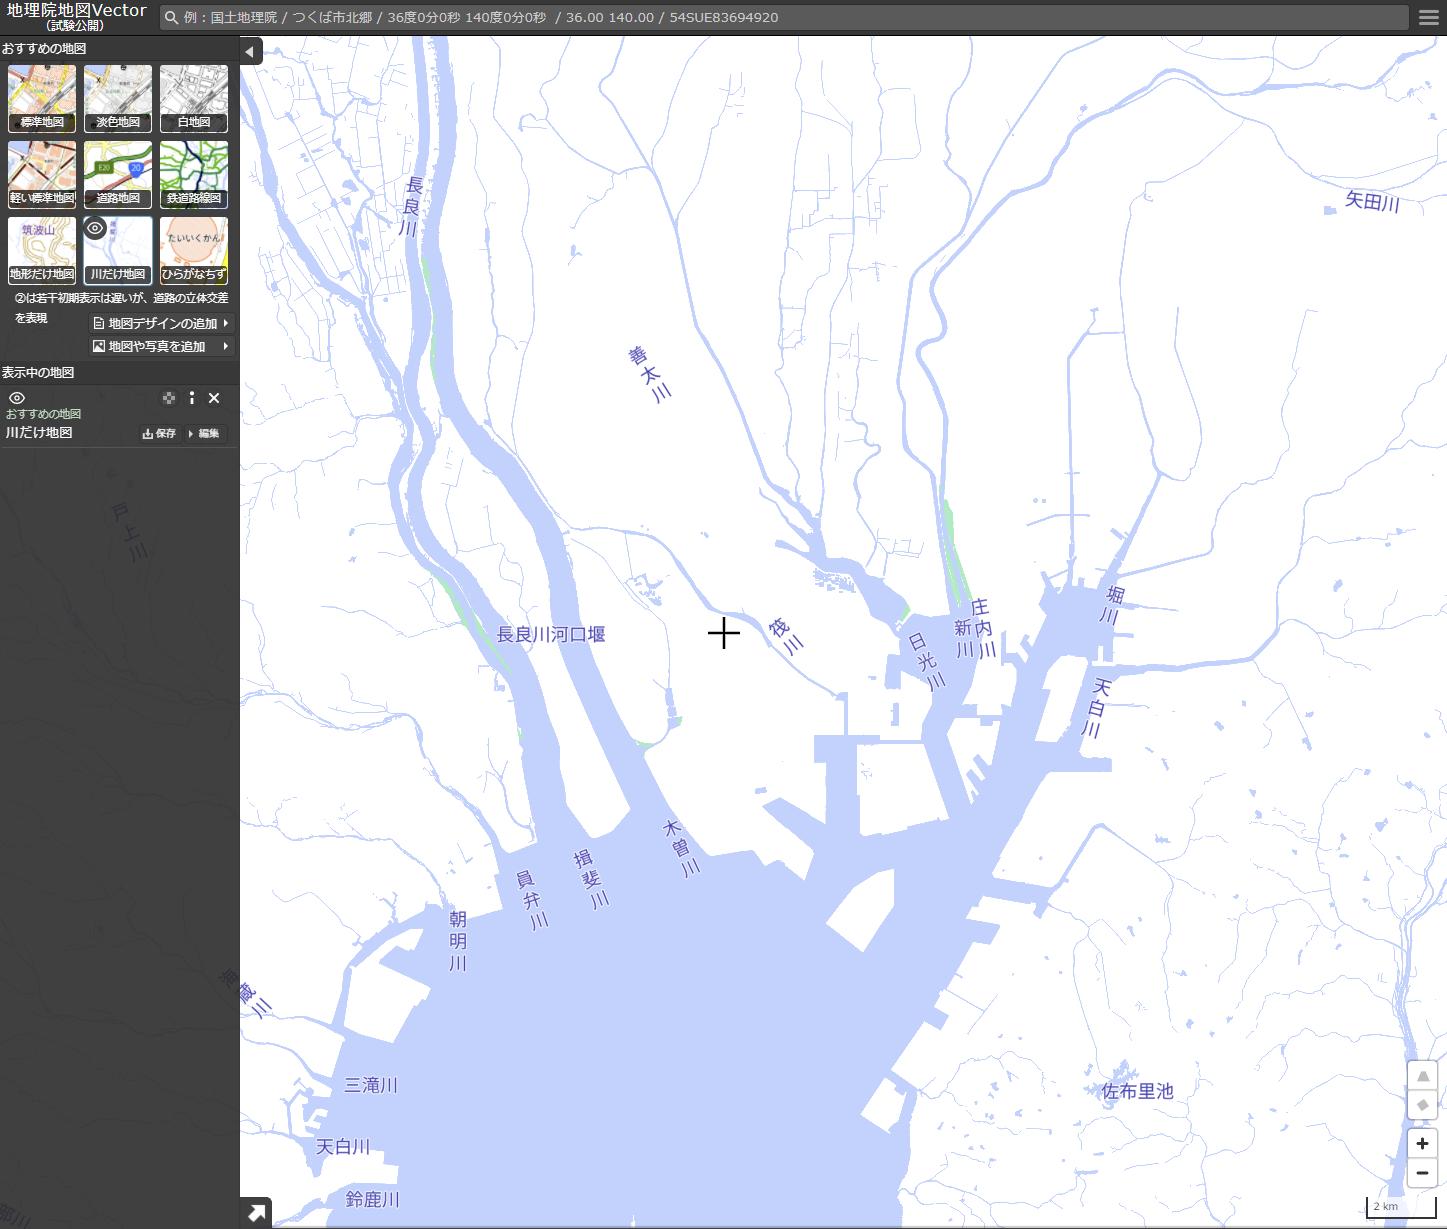 川だけ地図夏休みの自由研究におすすめな国土地理院「地理院地図Vector」の川だけ地図画面